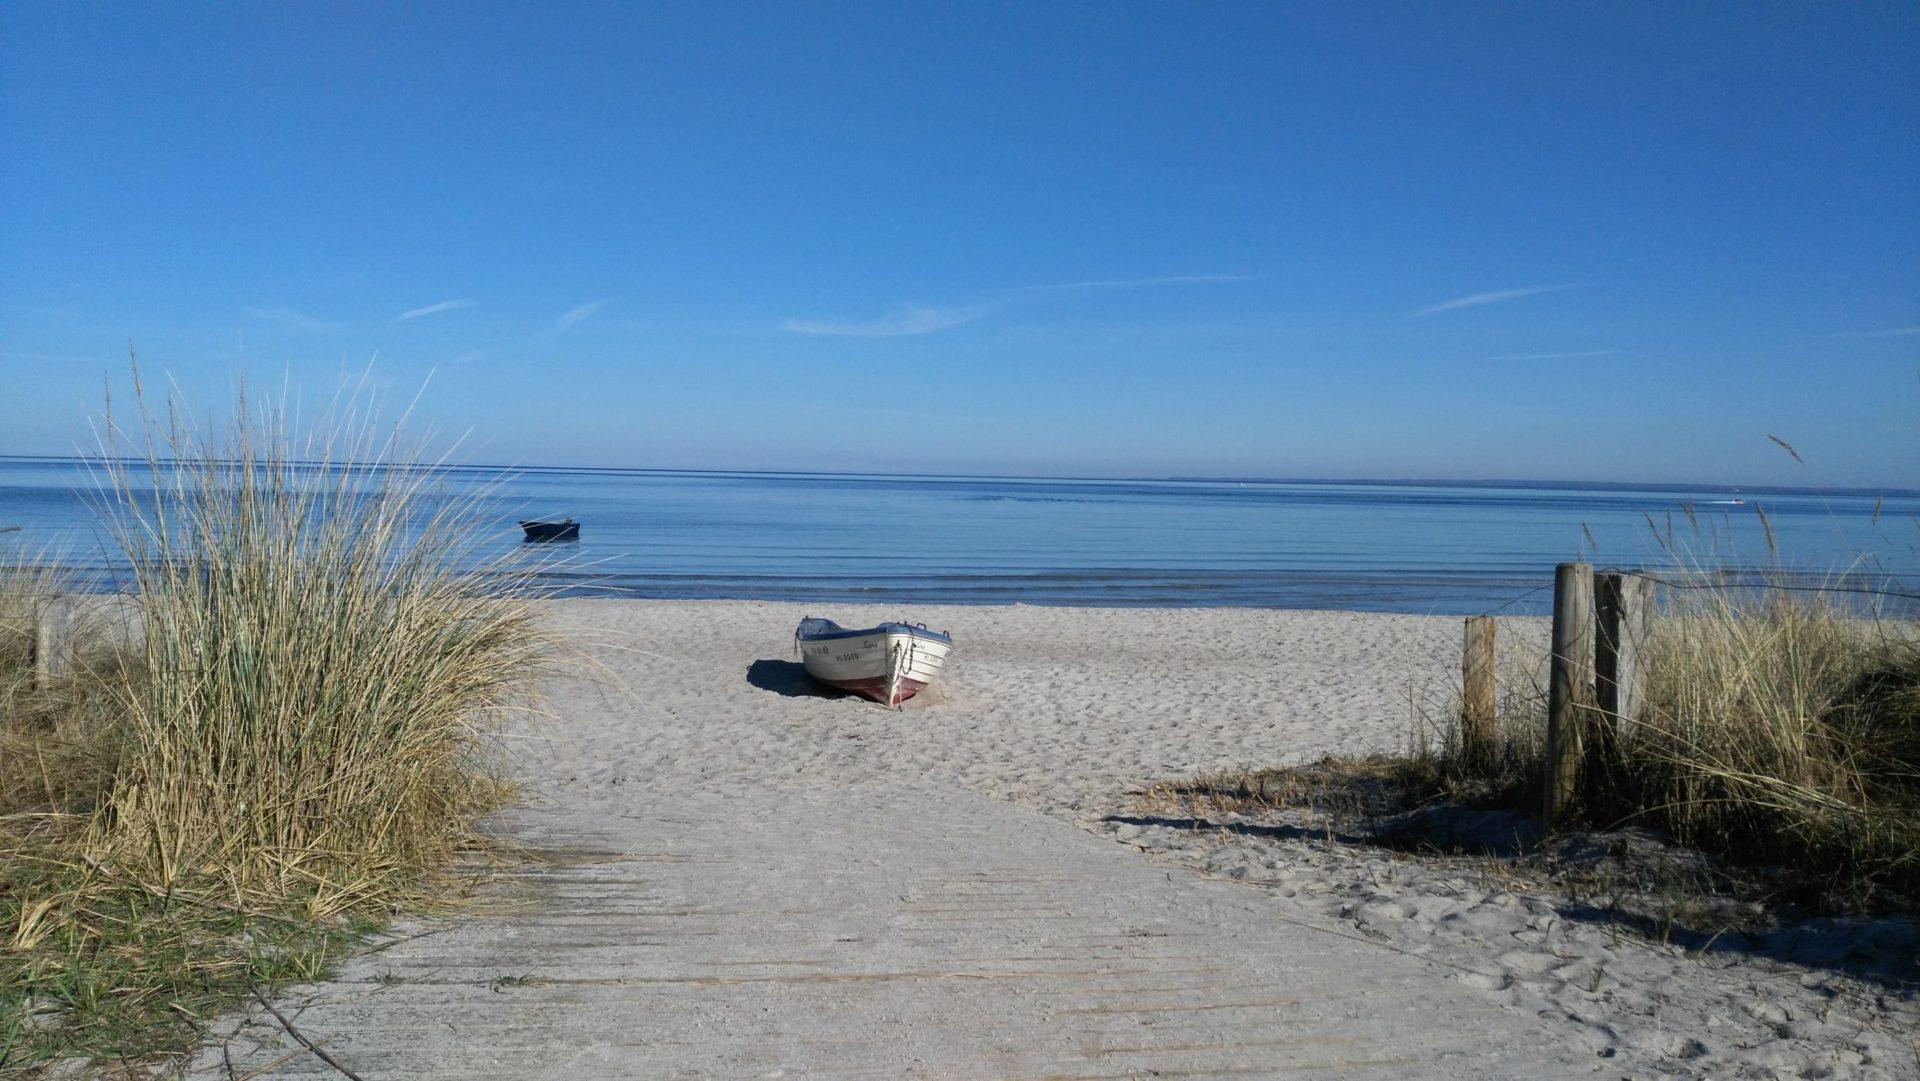 Wassertemperatur Scharbeutz: Sandstrand mit tiefblauem Meer, Dünengras und Boot